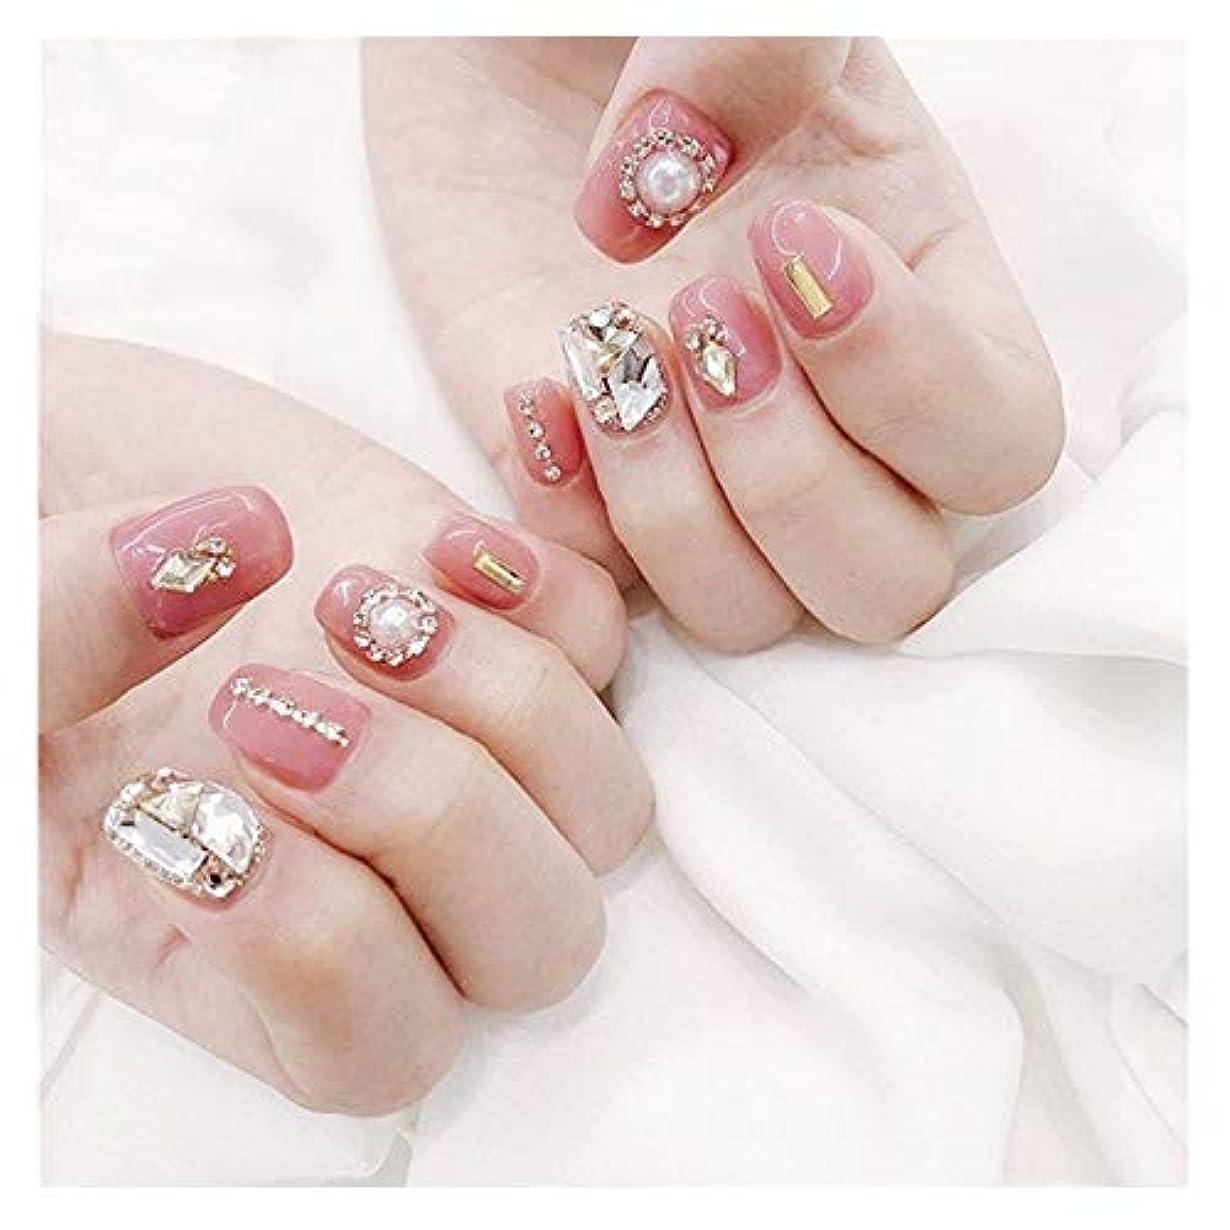 ジョガー援助するパンサーBOBIDYEE ダイヤモンドのり偽の爪ピンクのかわいい花嫁フォトスタジオ完成ネイル偽の釘 (色 : 24 pieces)